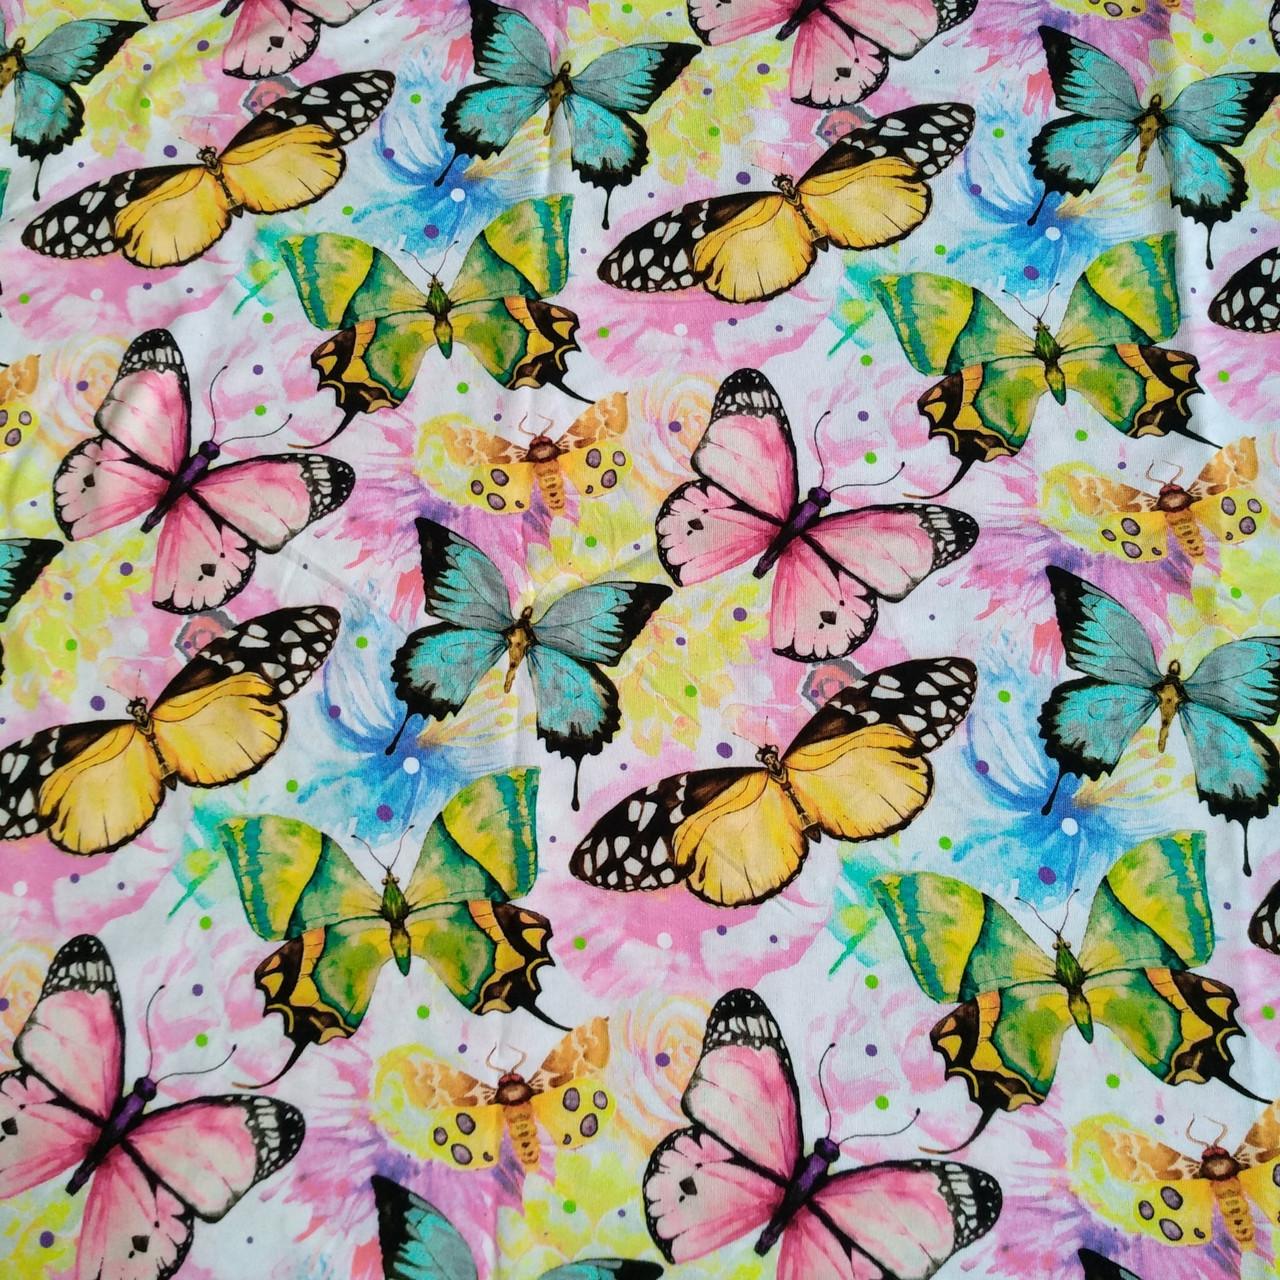 Стрейч-кулир Цветные бабочки - 185см. (диджитал)